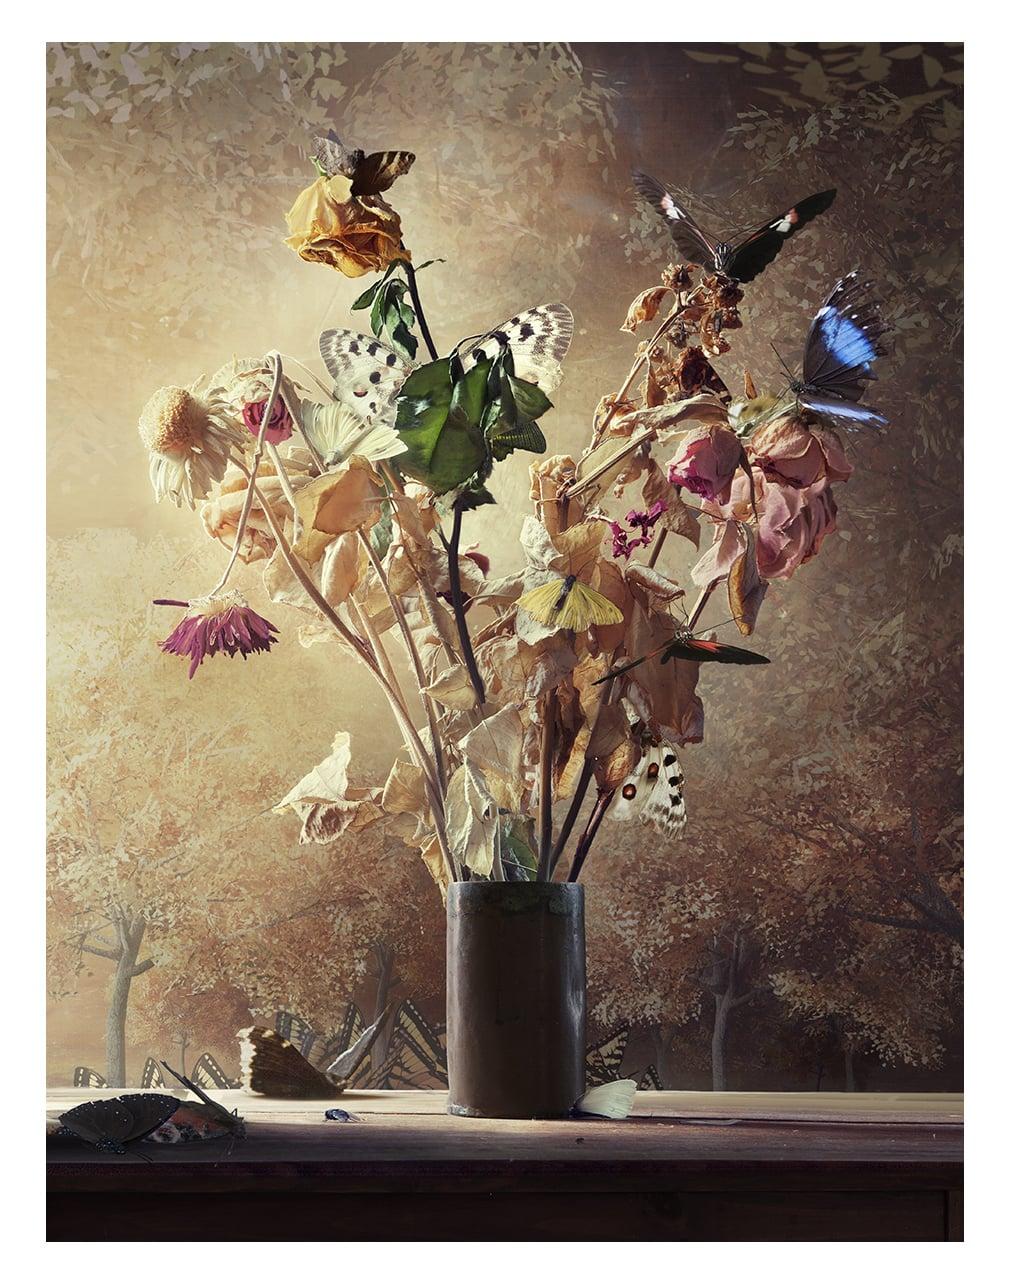 Still life with butterflies